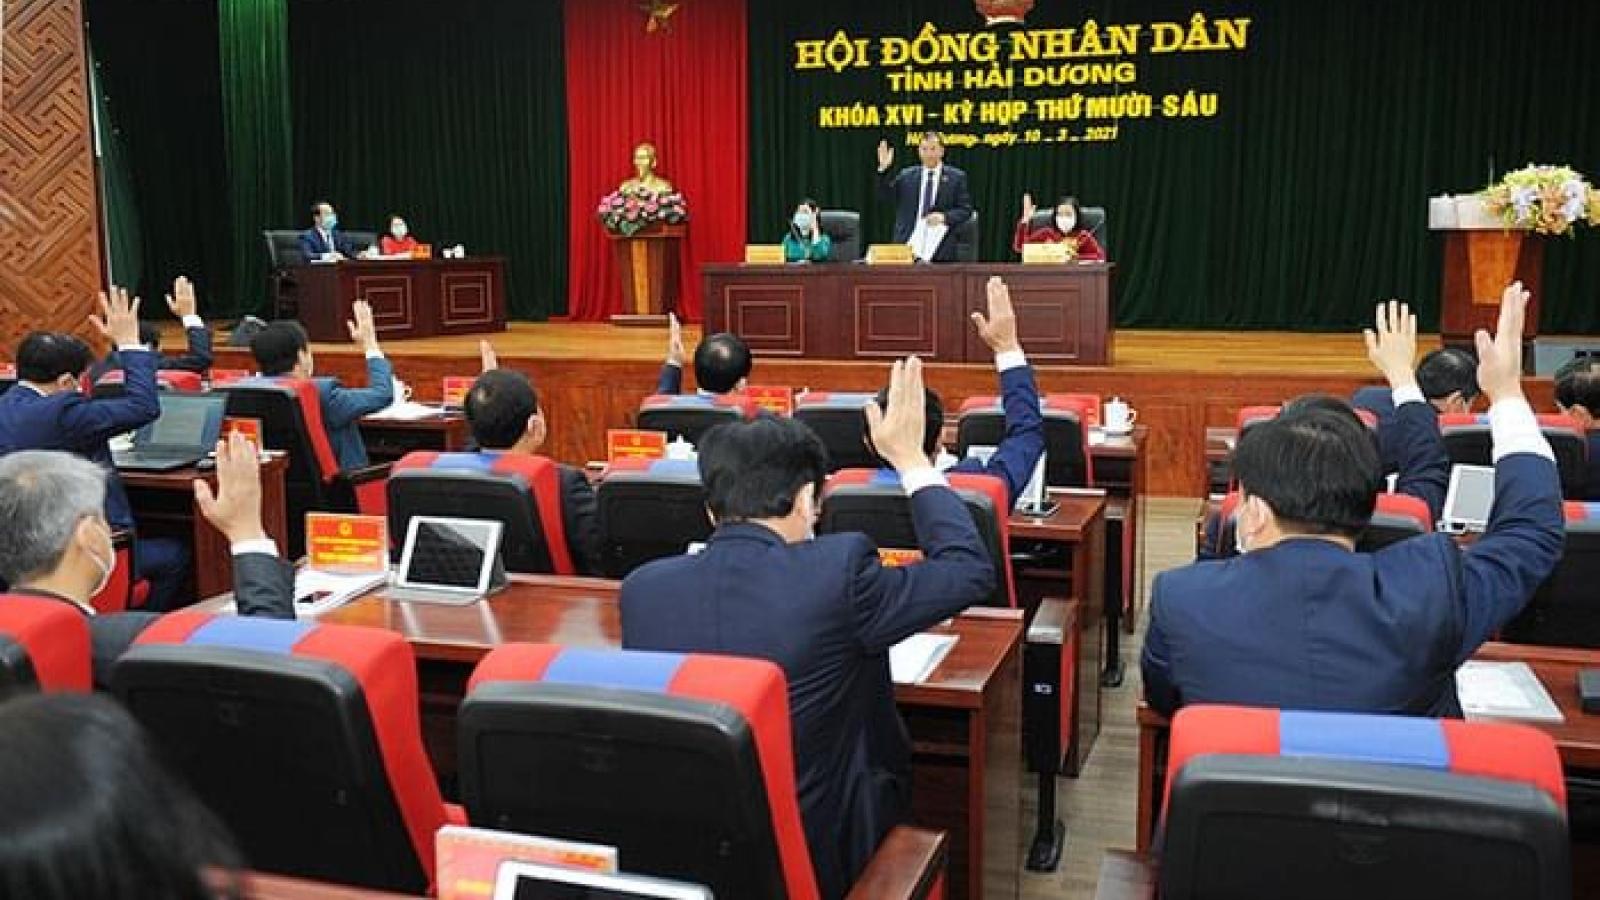 2 giám đốc sở giữ chức Phó Chủ tịch tỉnh Hải Dương